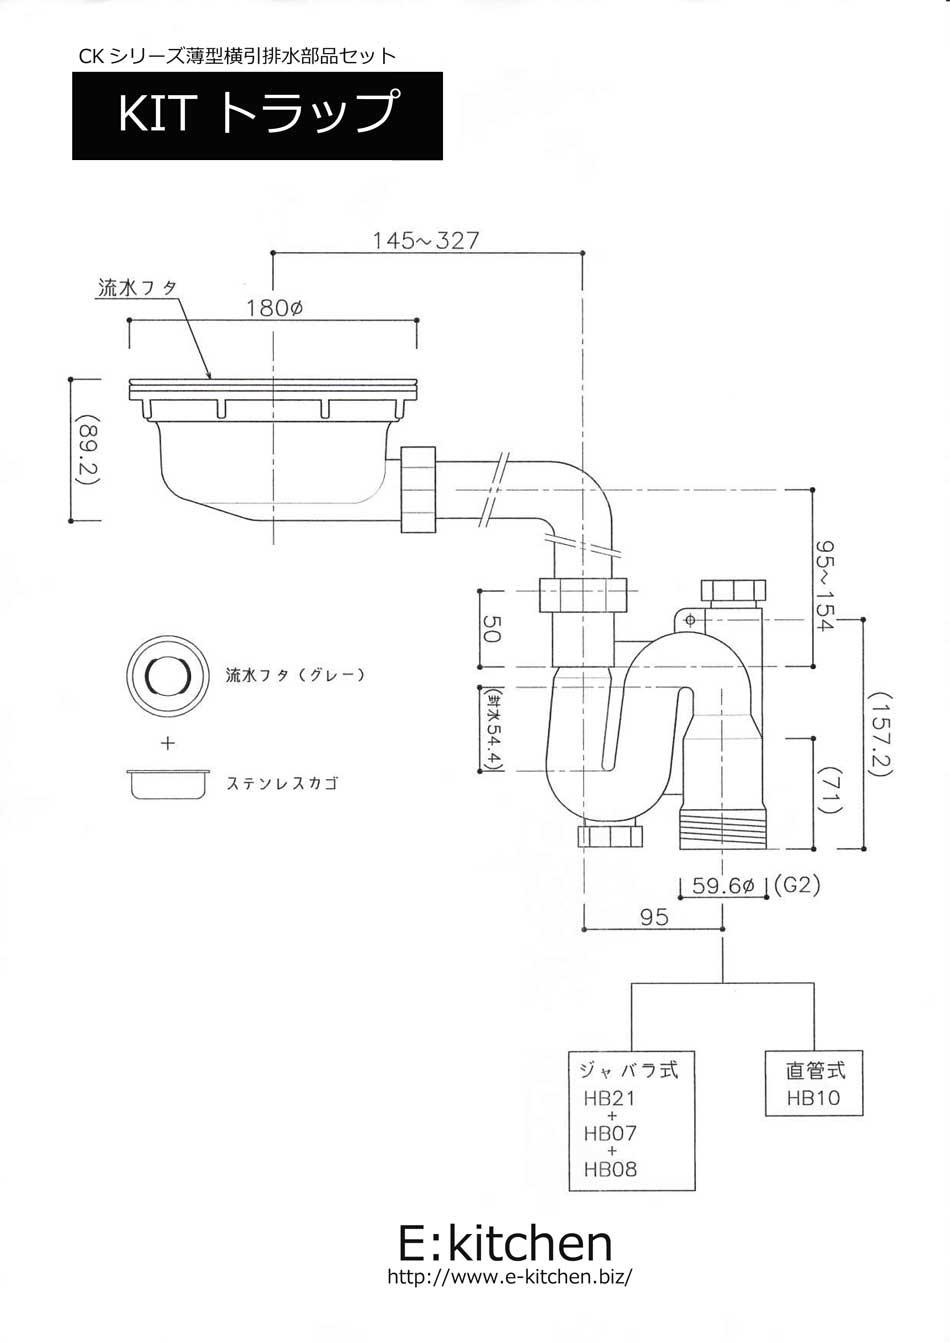 CKシリーズ 排水部品KIT